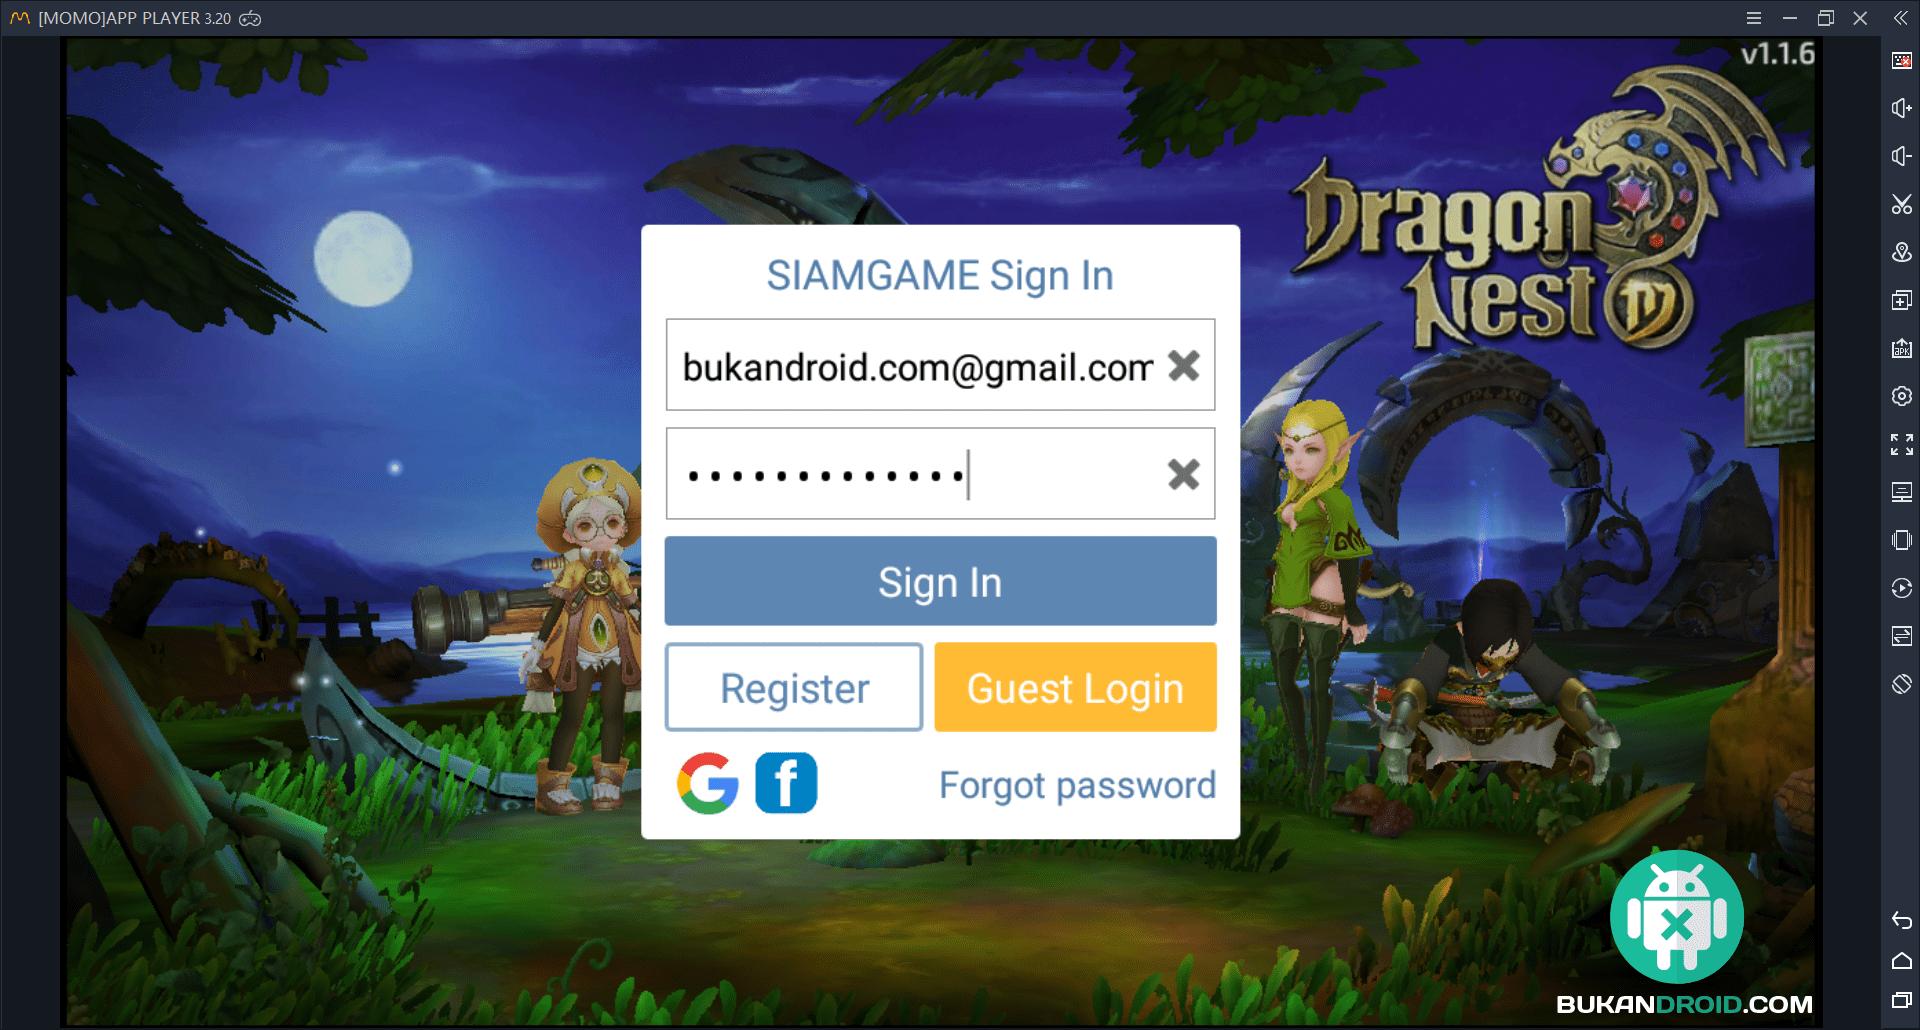 Cara Bermain Game Dragon Nest M Mobile di PC